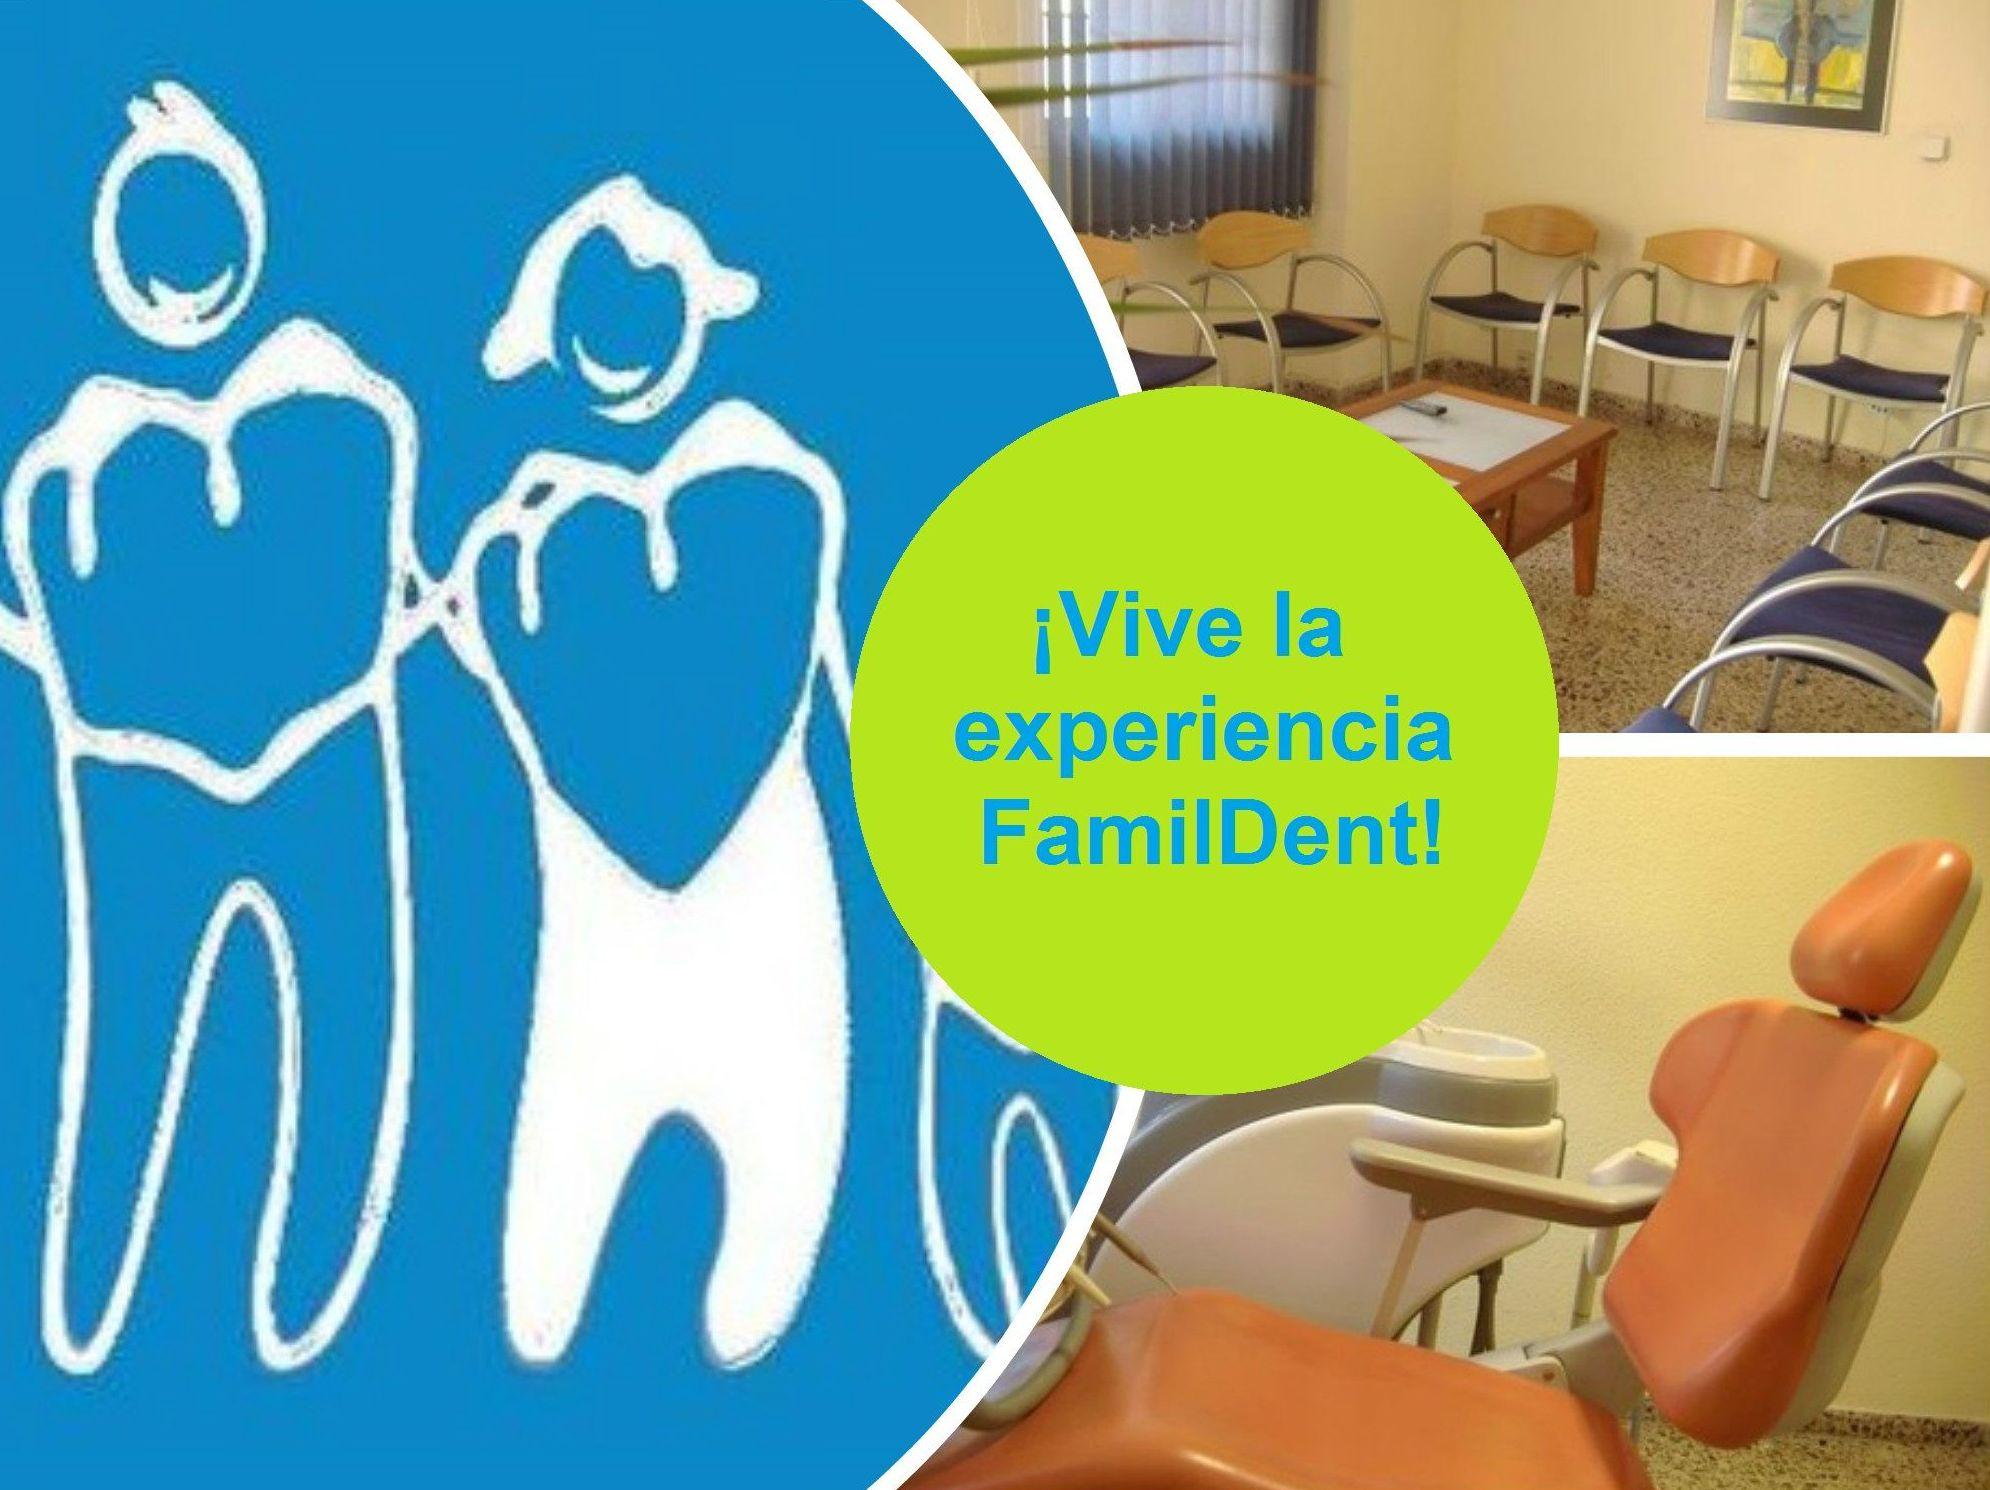 Foto 17 de Clínicas dentales en Valencia | Centro de Salud Dental FamilDent